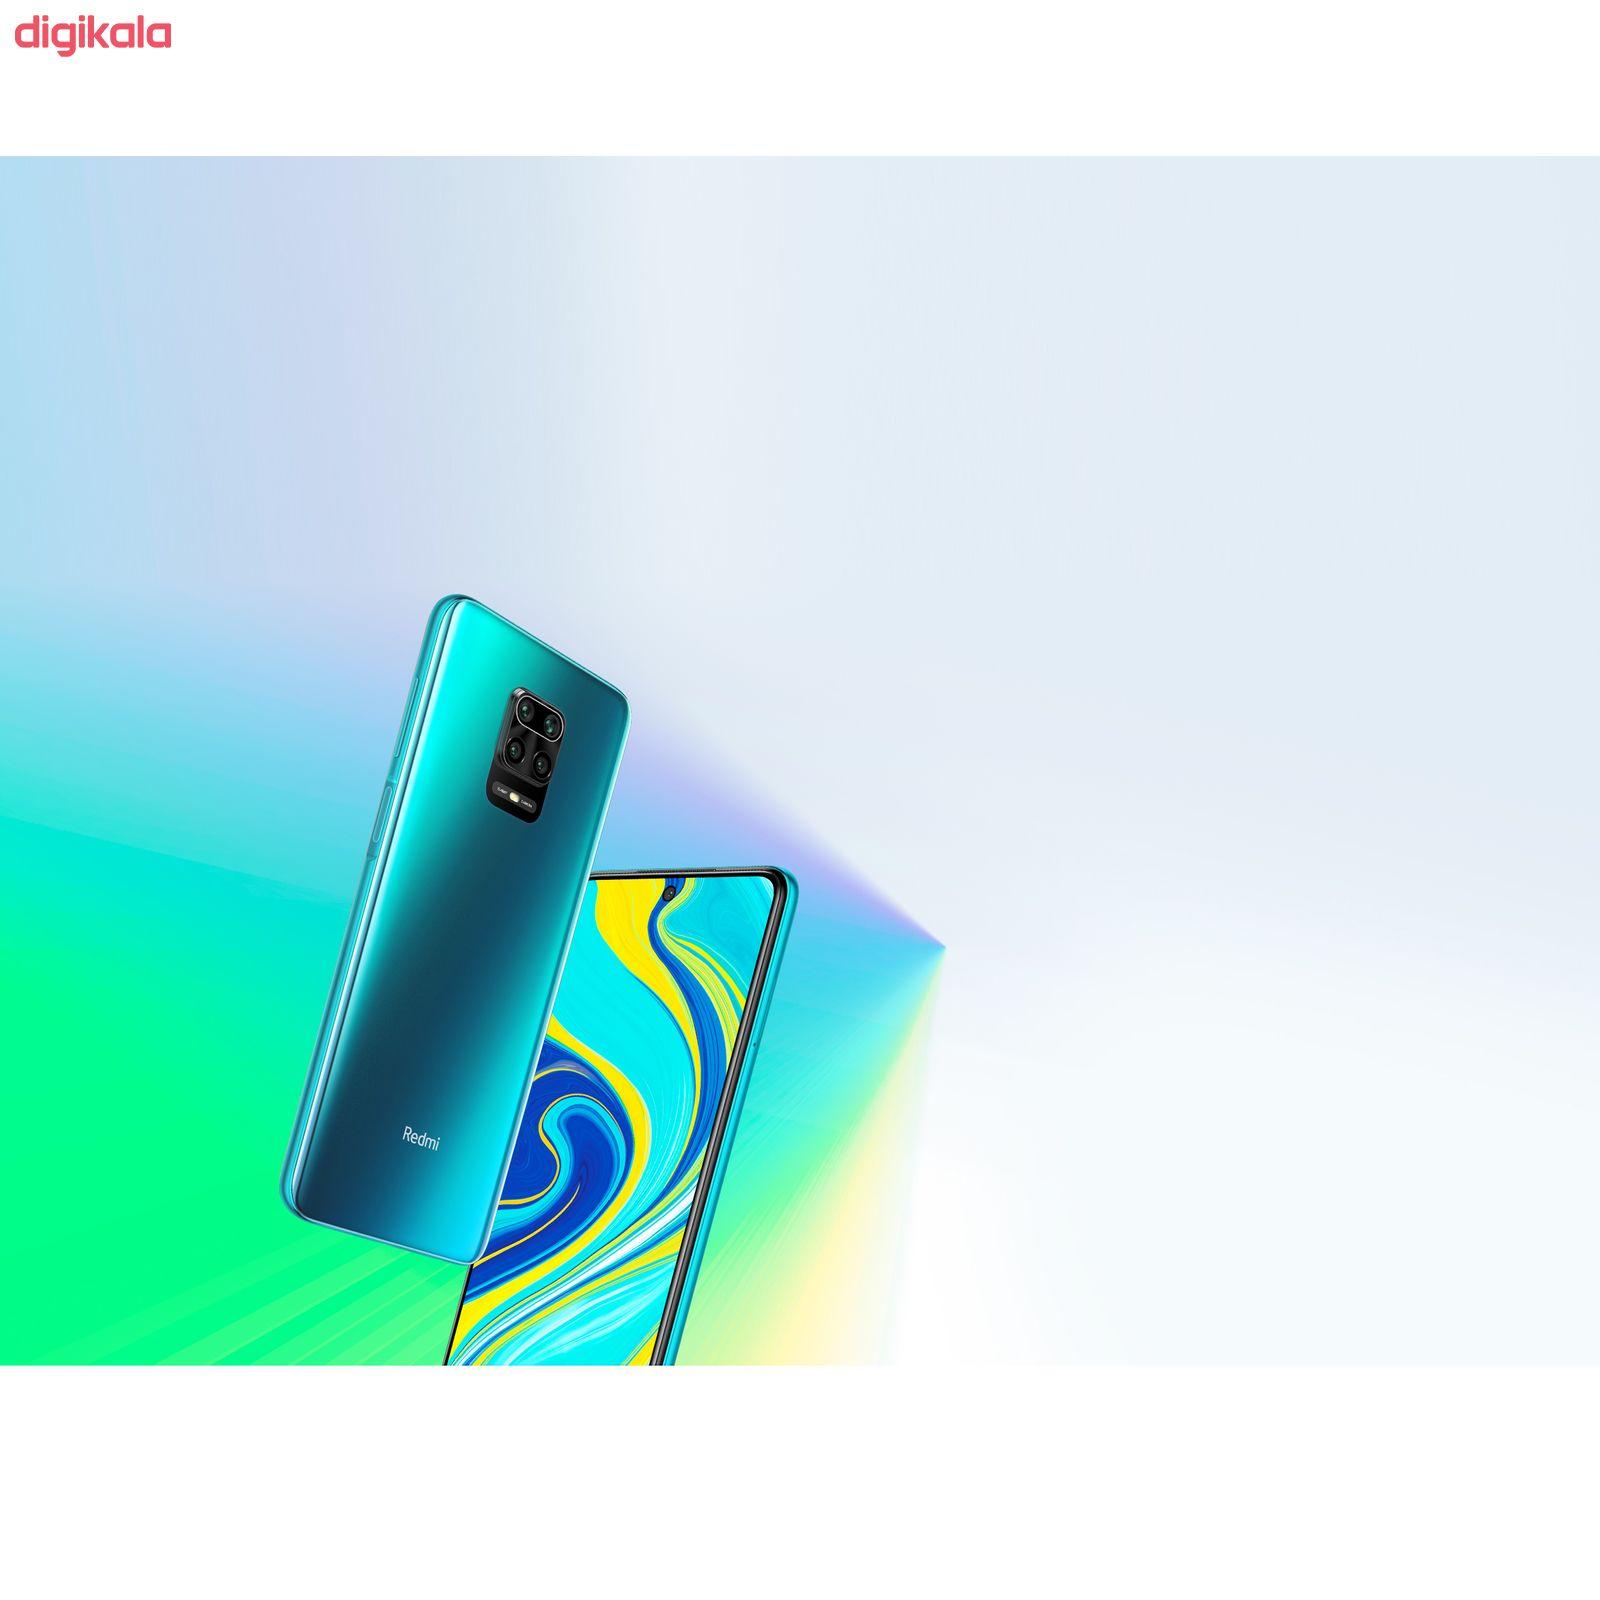 گوشی موبایل شیائومی مدل Redmi Note 9S M2003J6A1G دو سیم کارت ظرفیت 128گیگابایت main 1 10